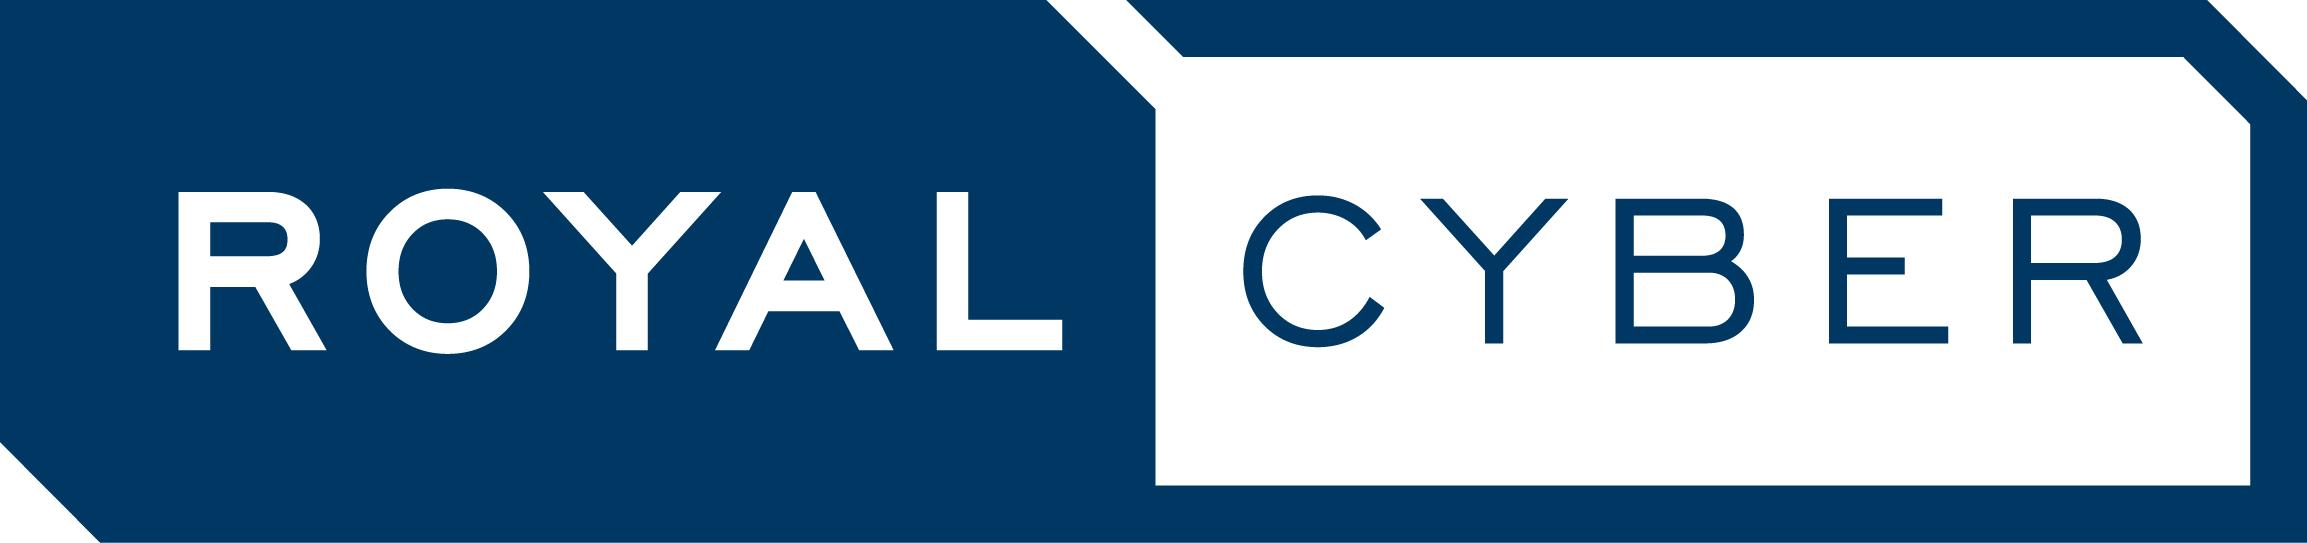 royal_cyber_logo